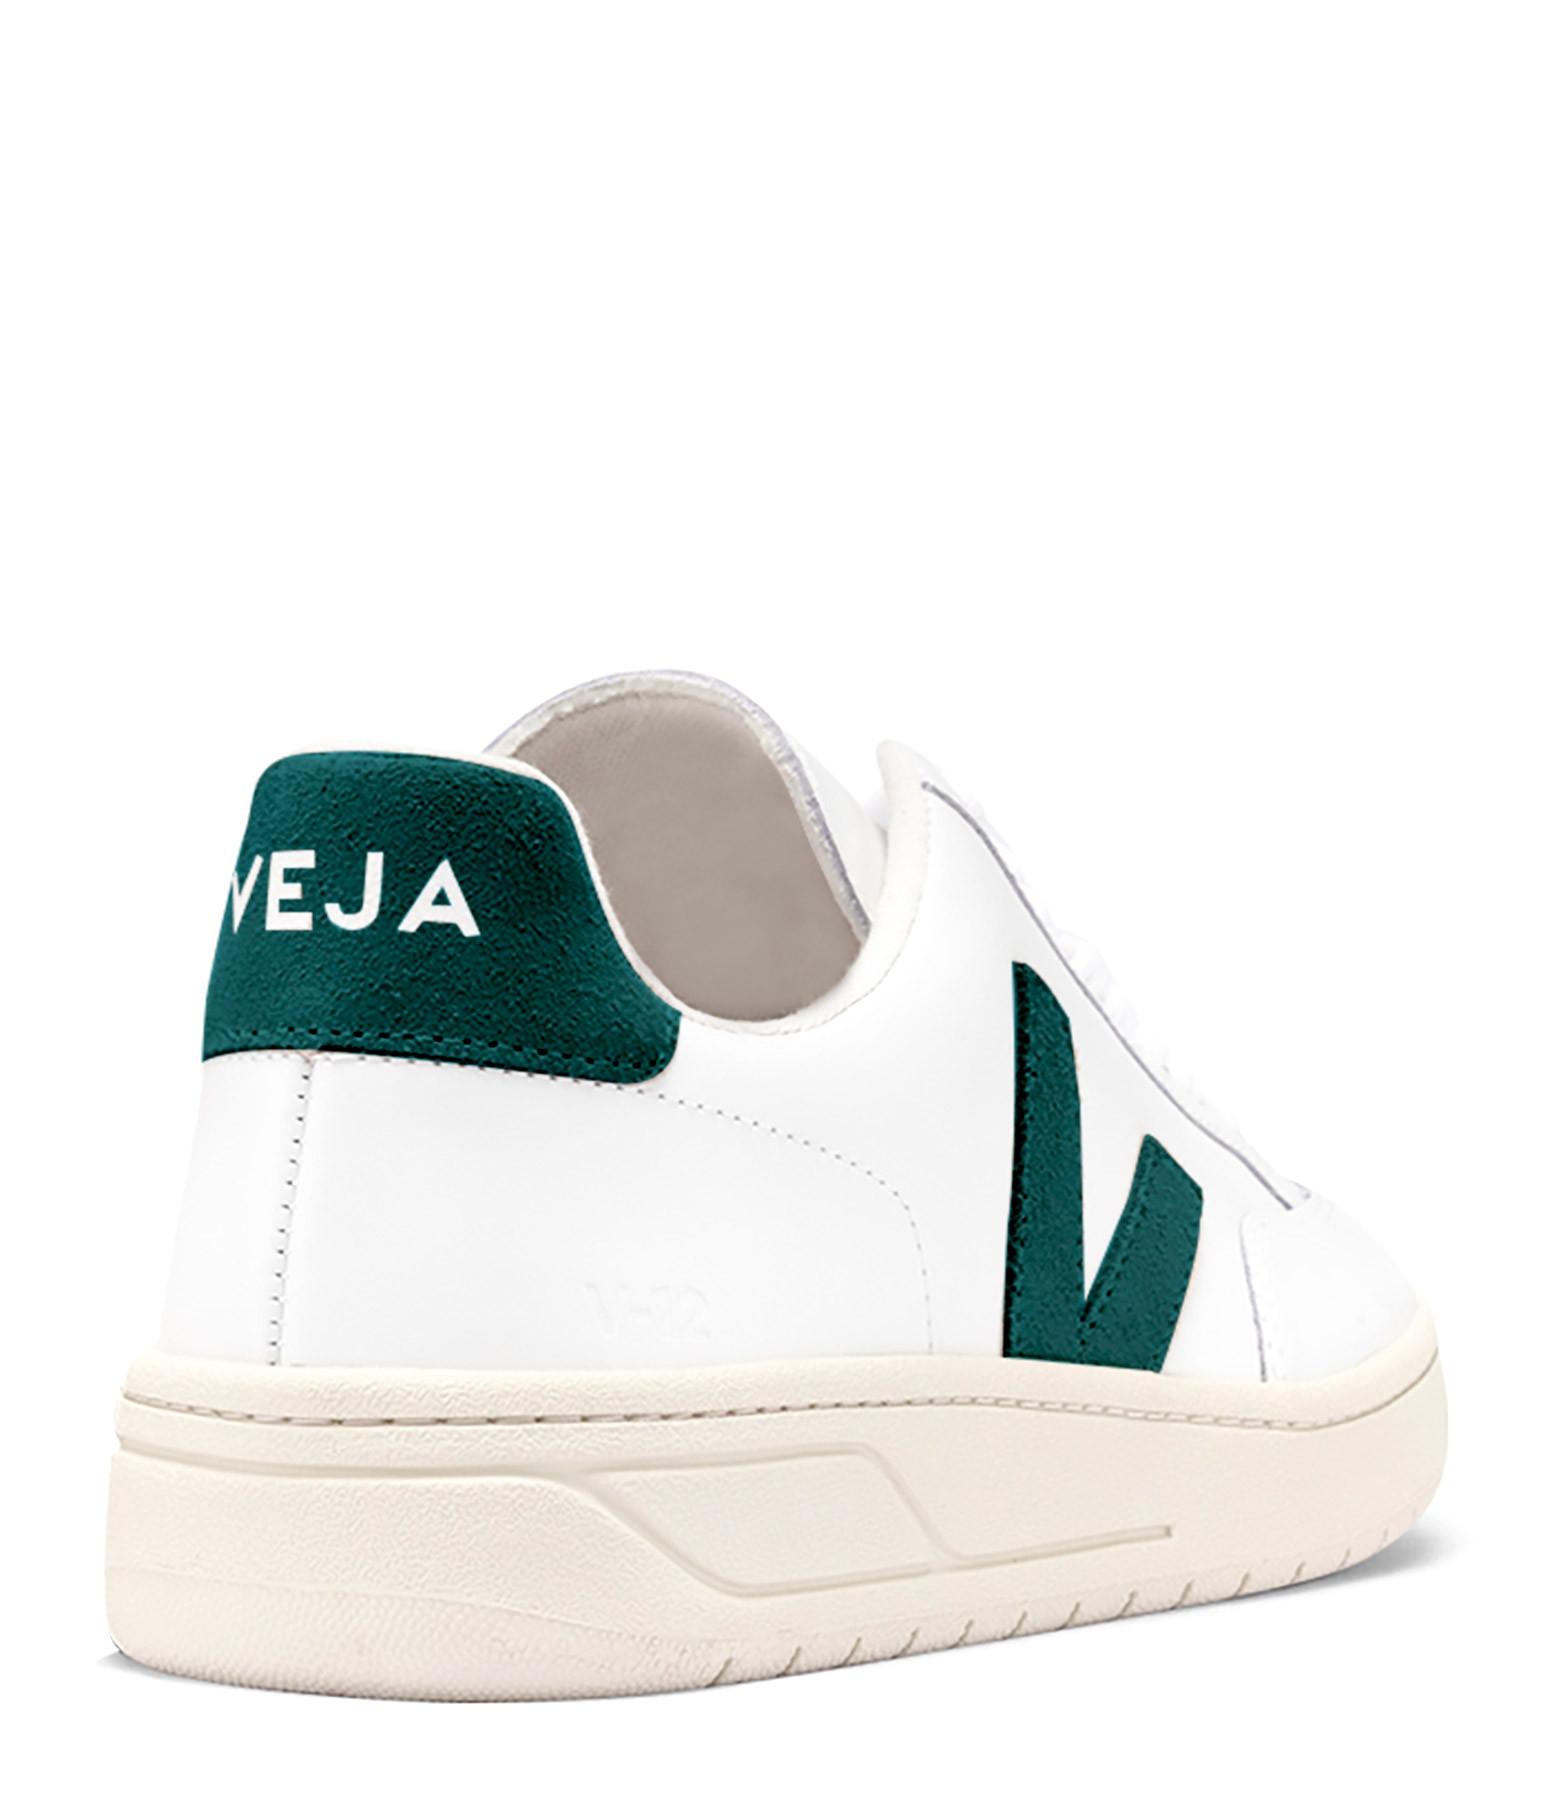 VEJA - Baskets V-12 Cuir Extra White Cyprus